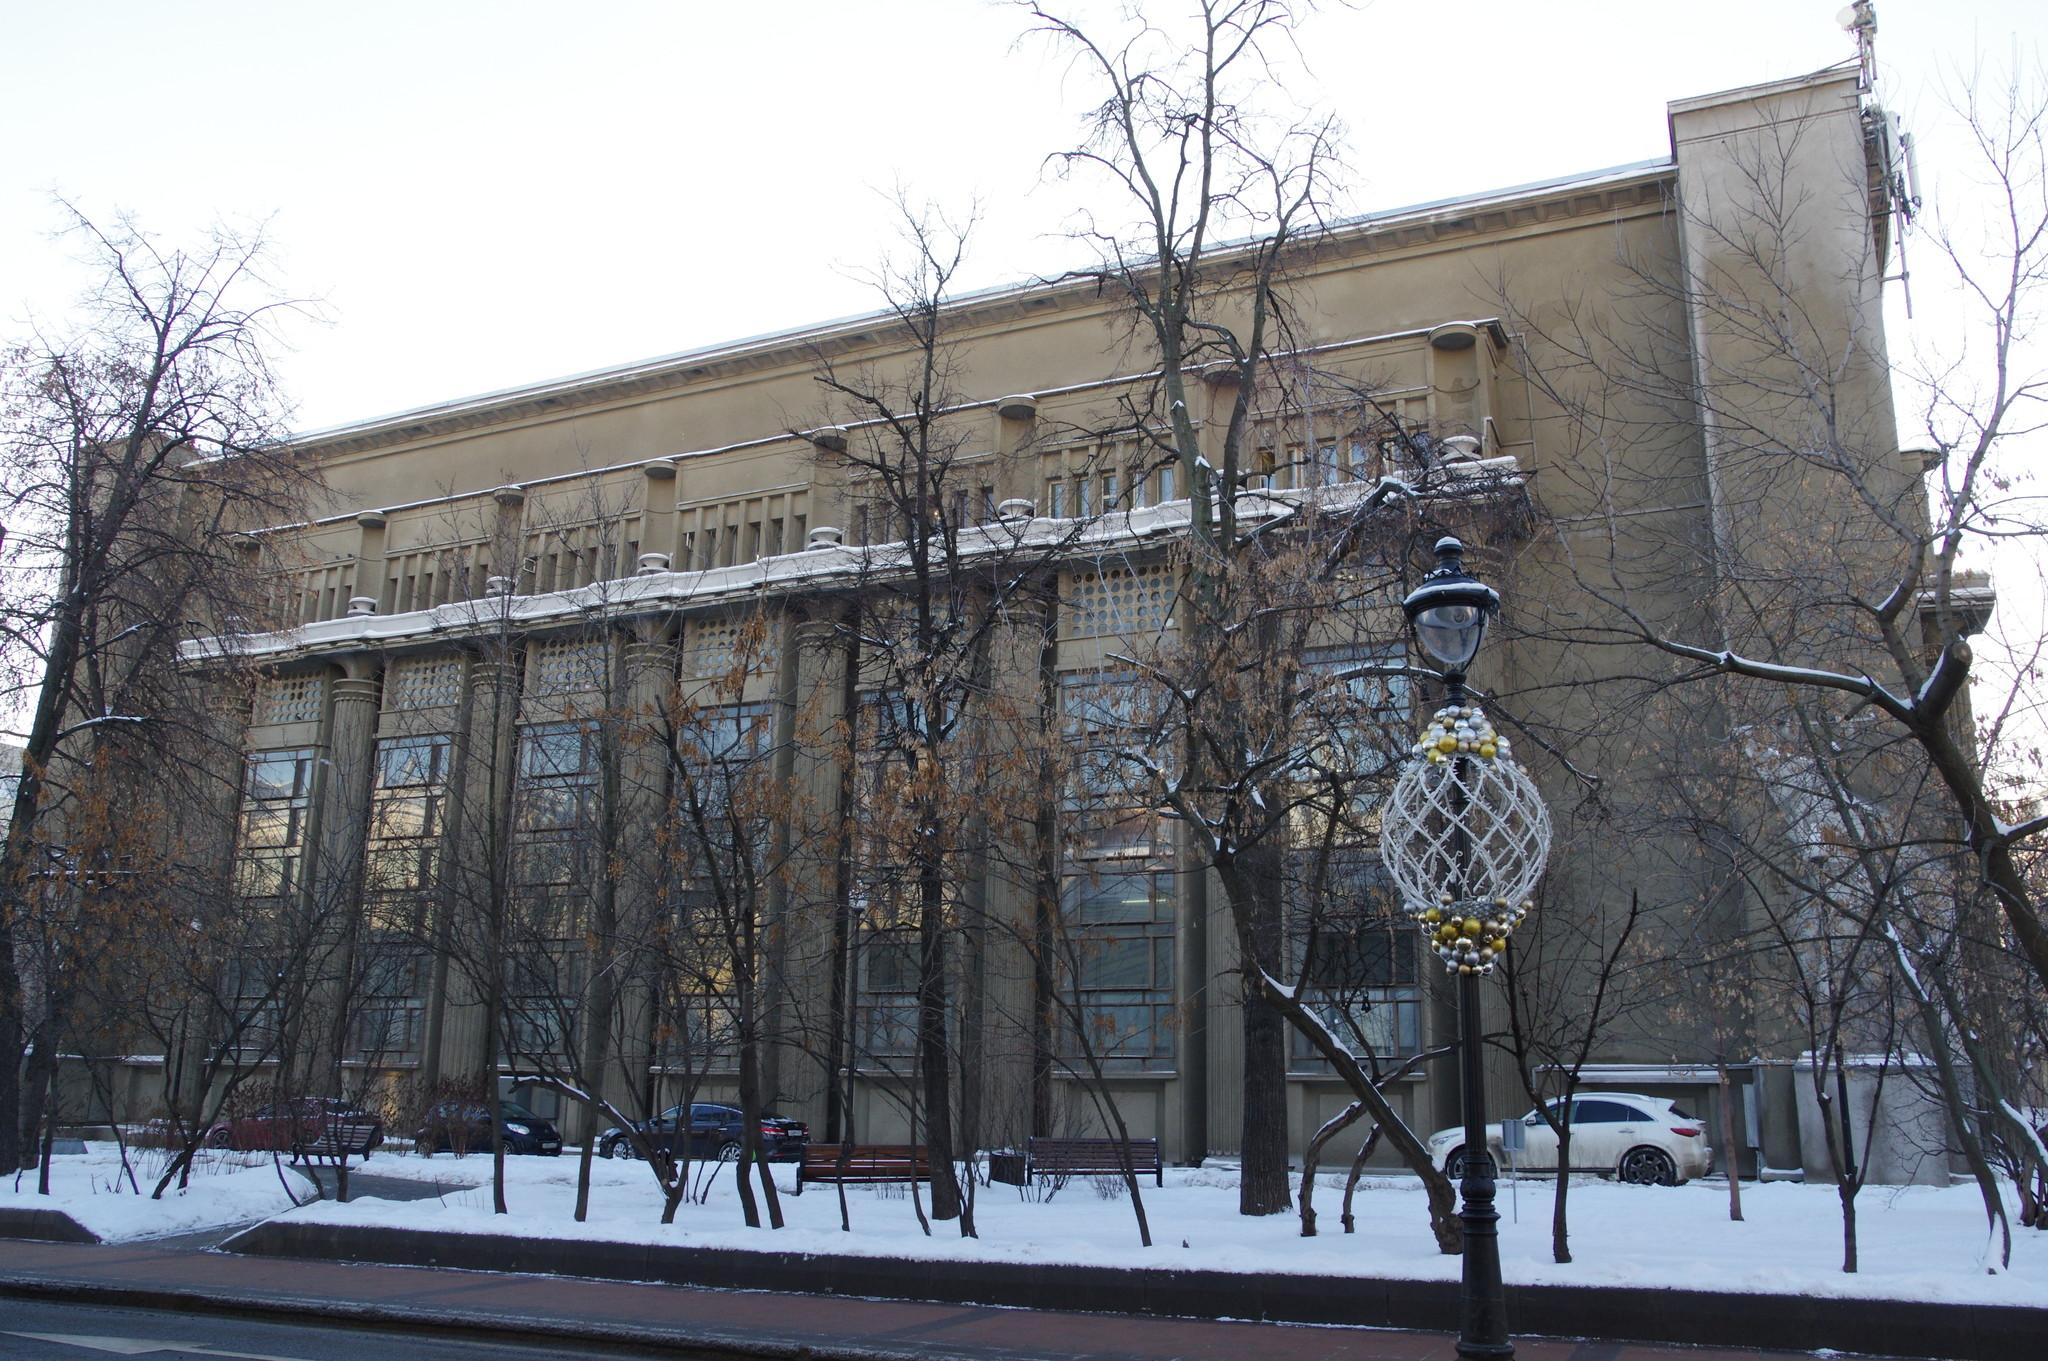 Электроподстанция Московского метрополитена (улица Большая Никитская, дом 7/10)